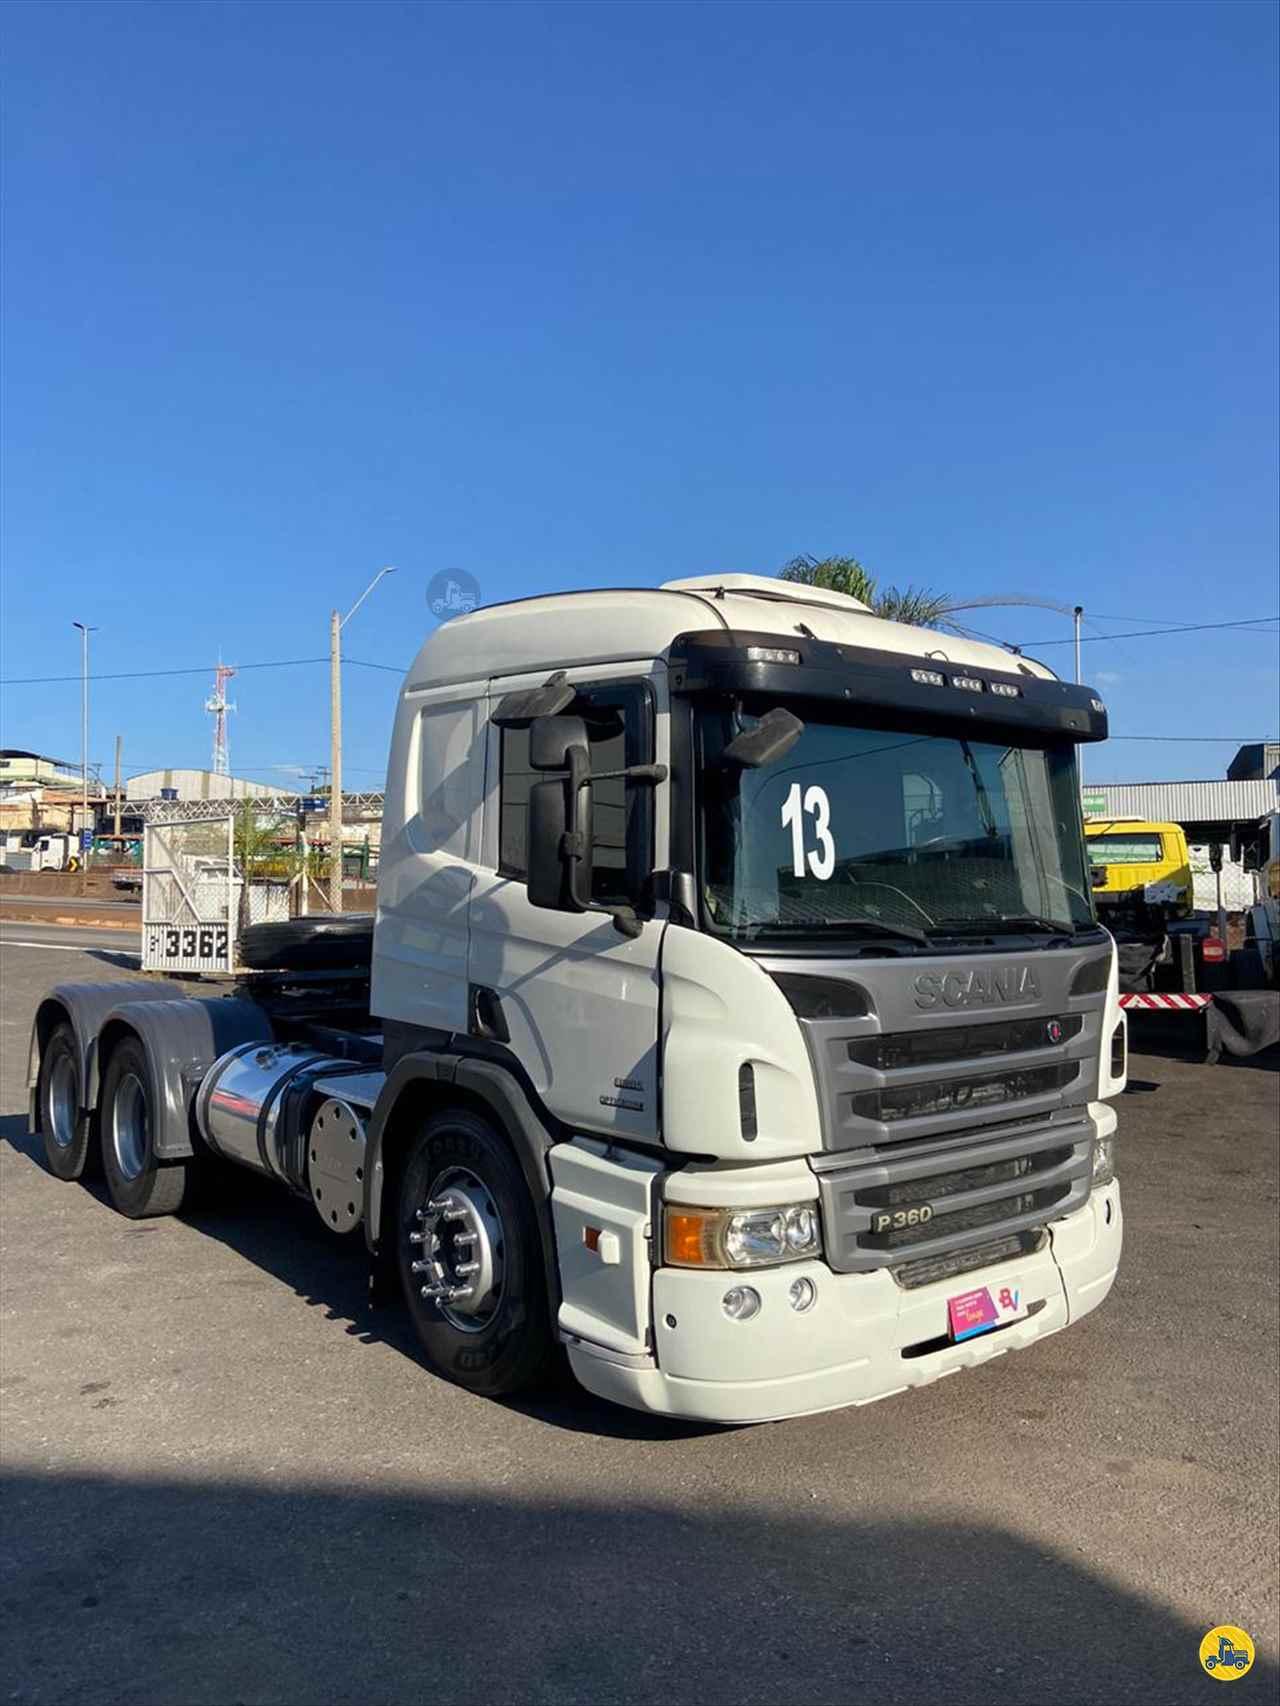 CAMINHAO SCANIA SCANIA P360 Chassis Truck 6x2 Gegê Caminhões CONTAGEM MINAS GERAIS MG